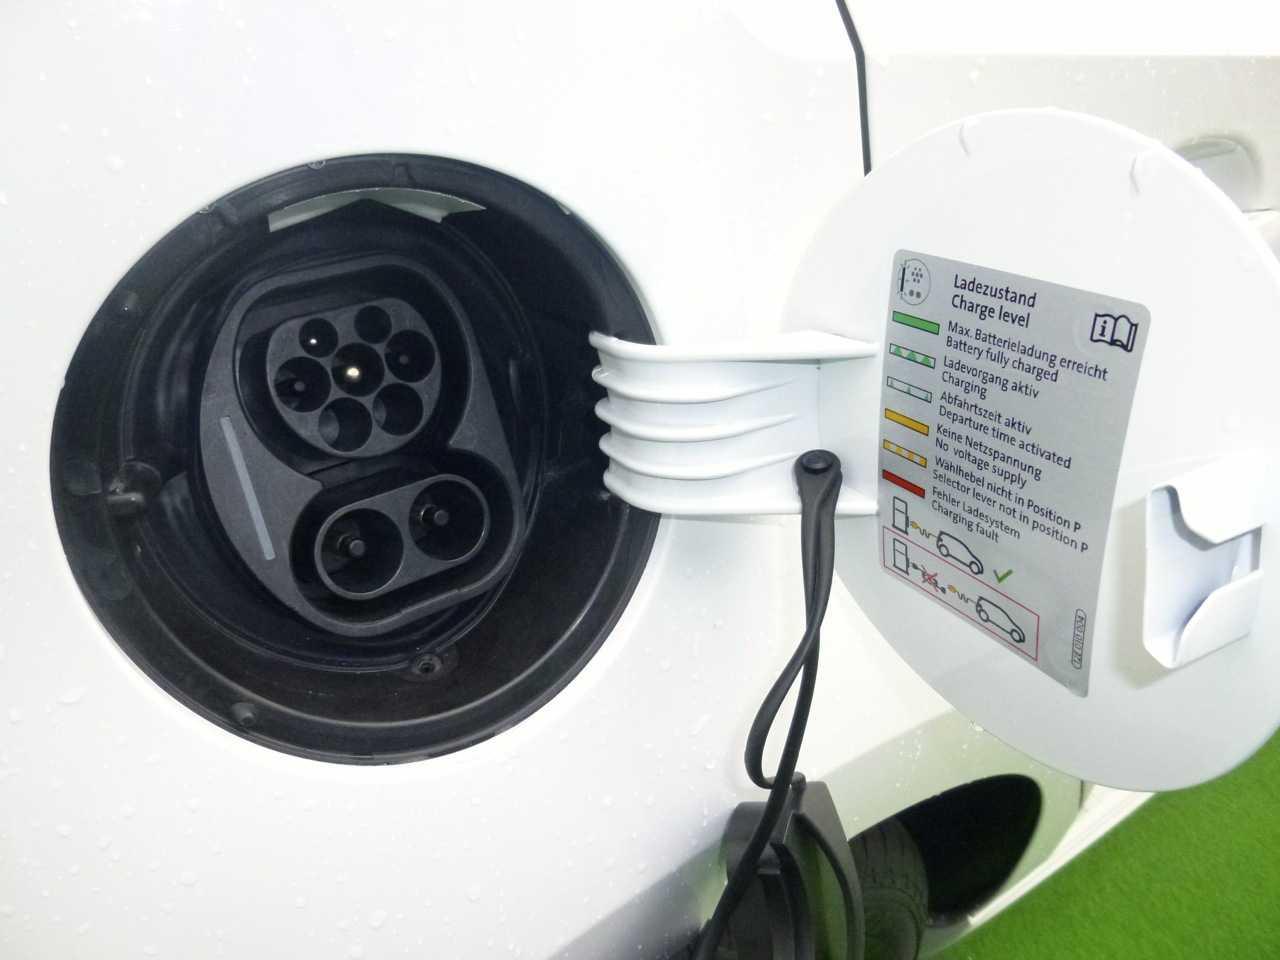 Eine Dose für das Combined Charging System...